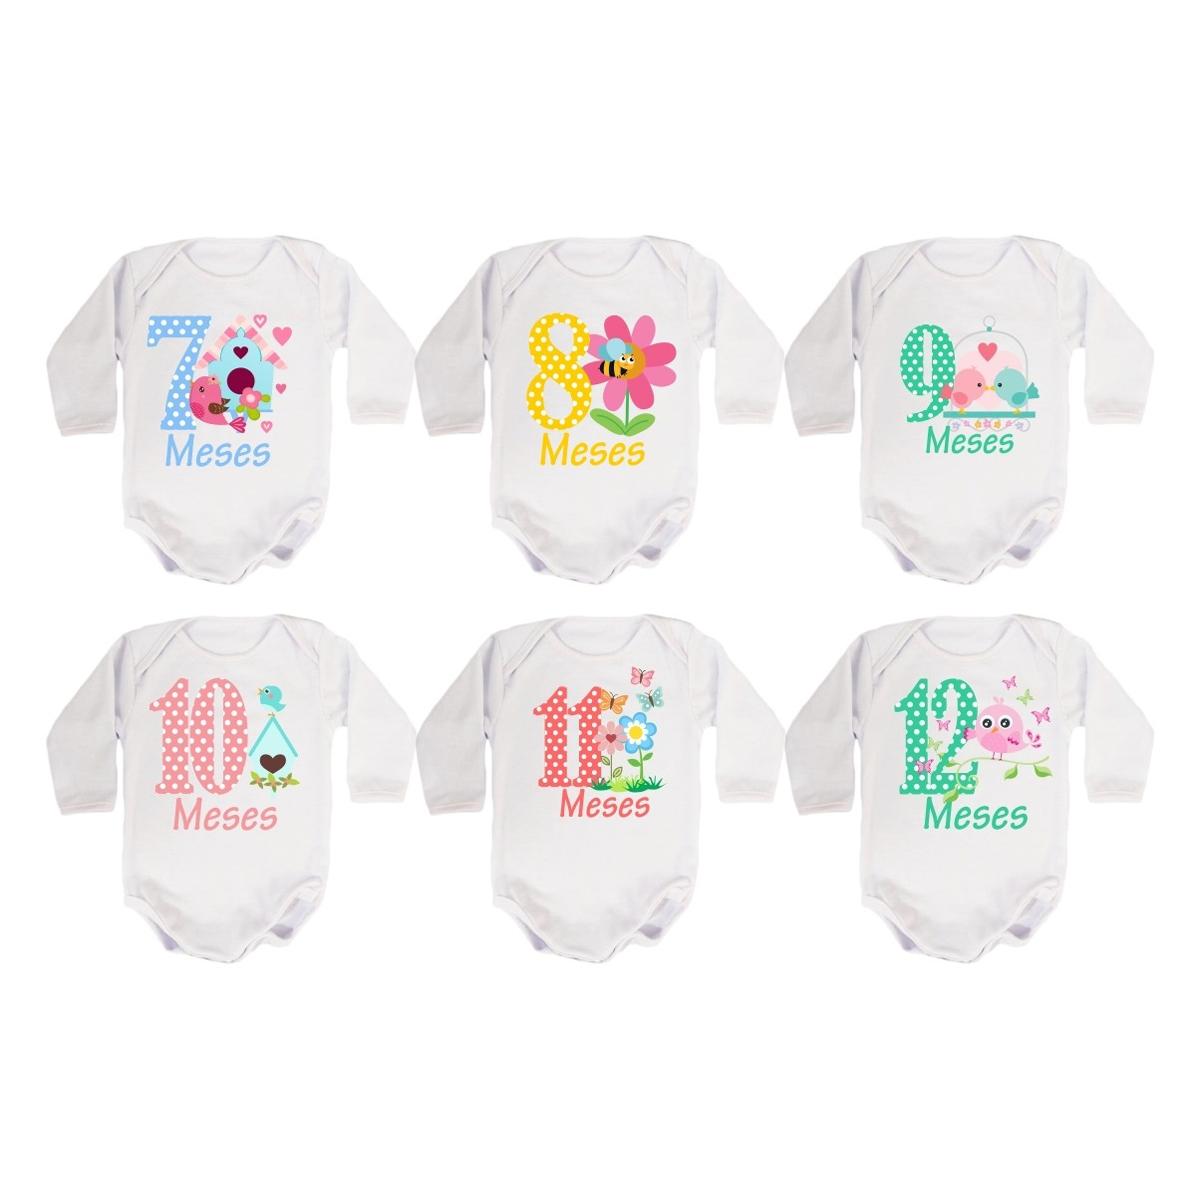 Body Mesversario Manga Longa Jardim Encantado Kit 12 bodies de Bebê